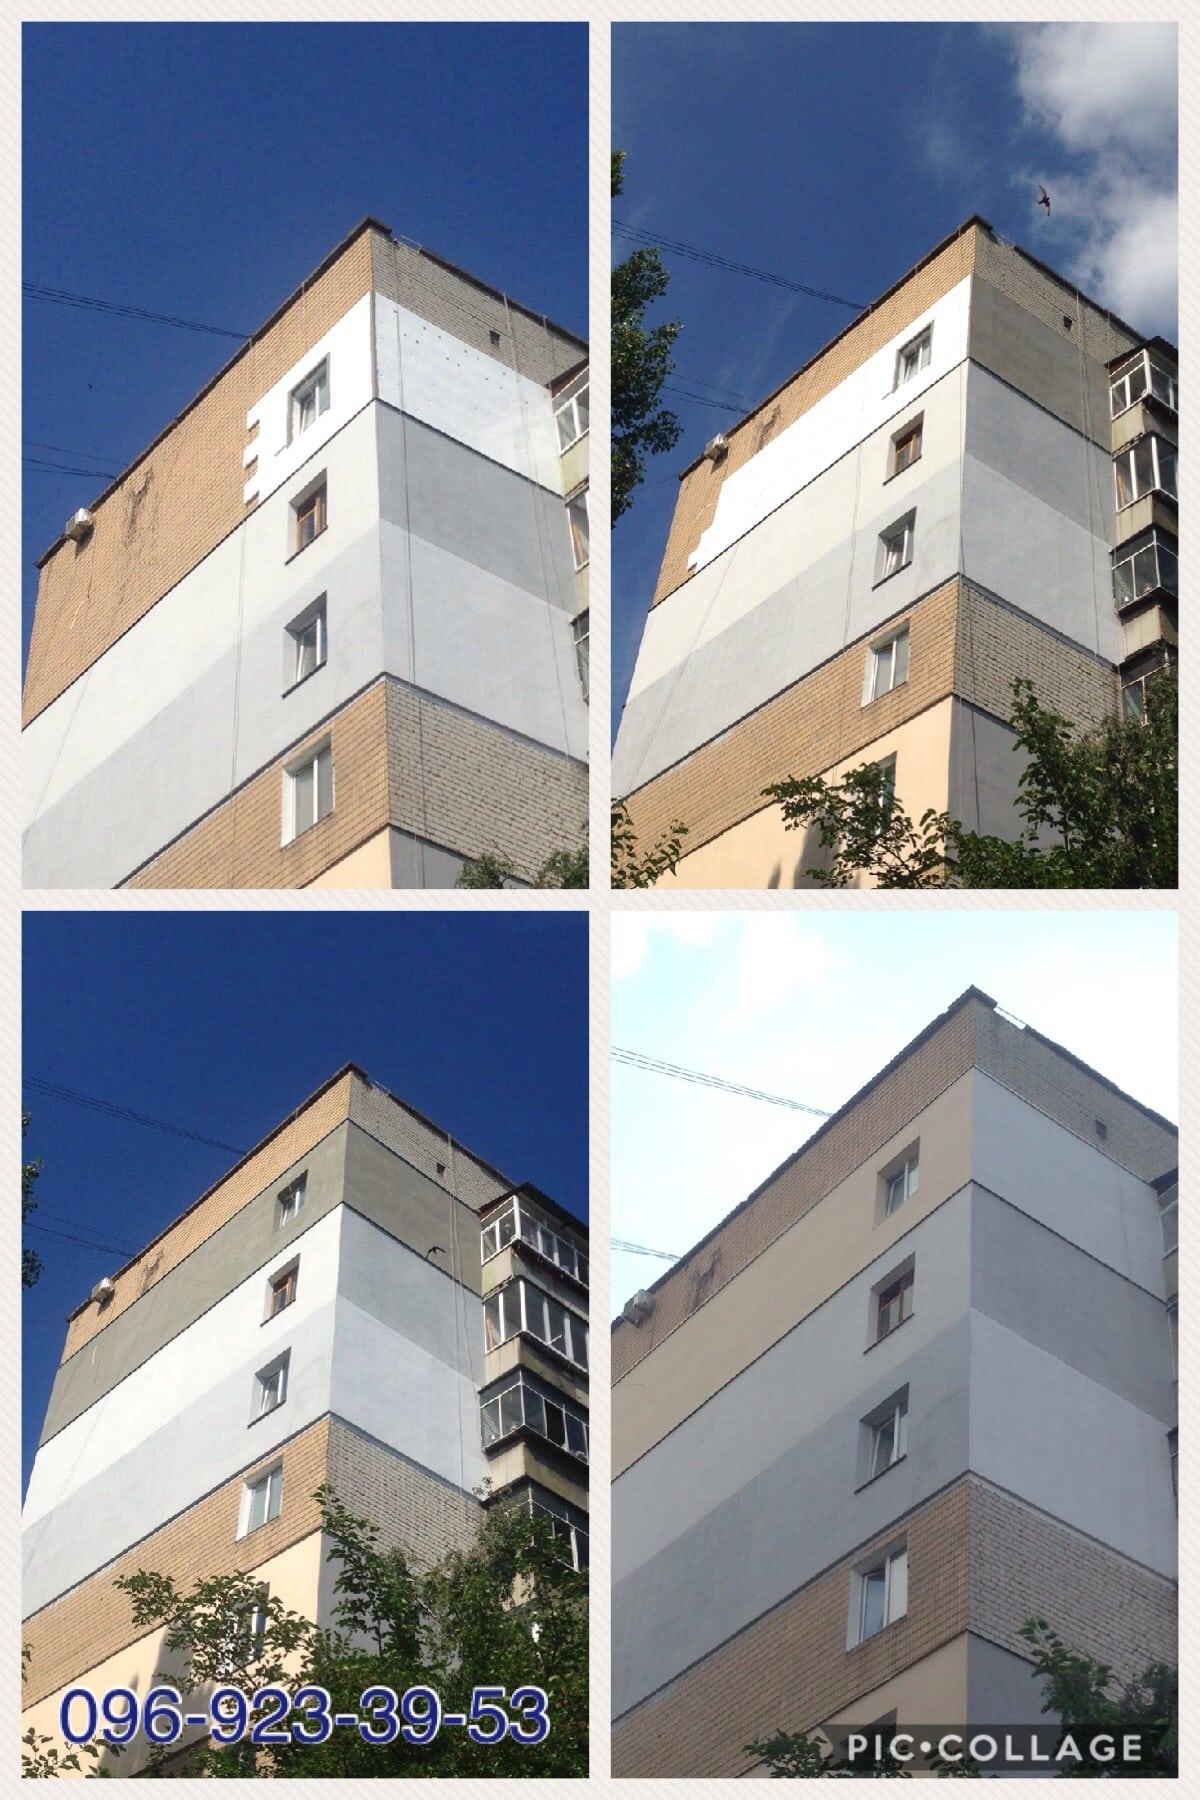 Ремонт фасадов панельных домов в купчино